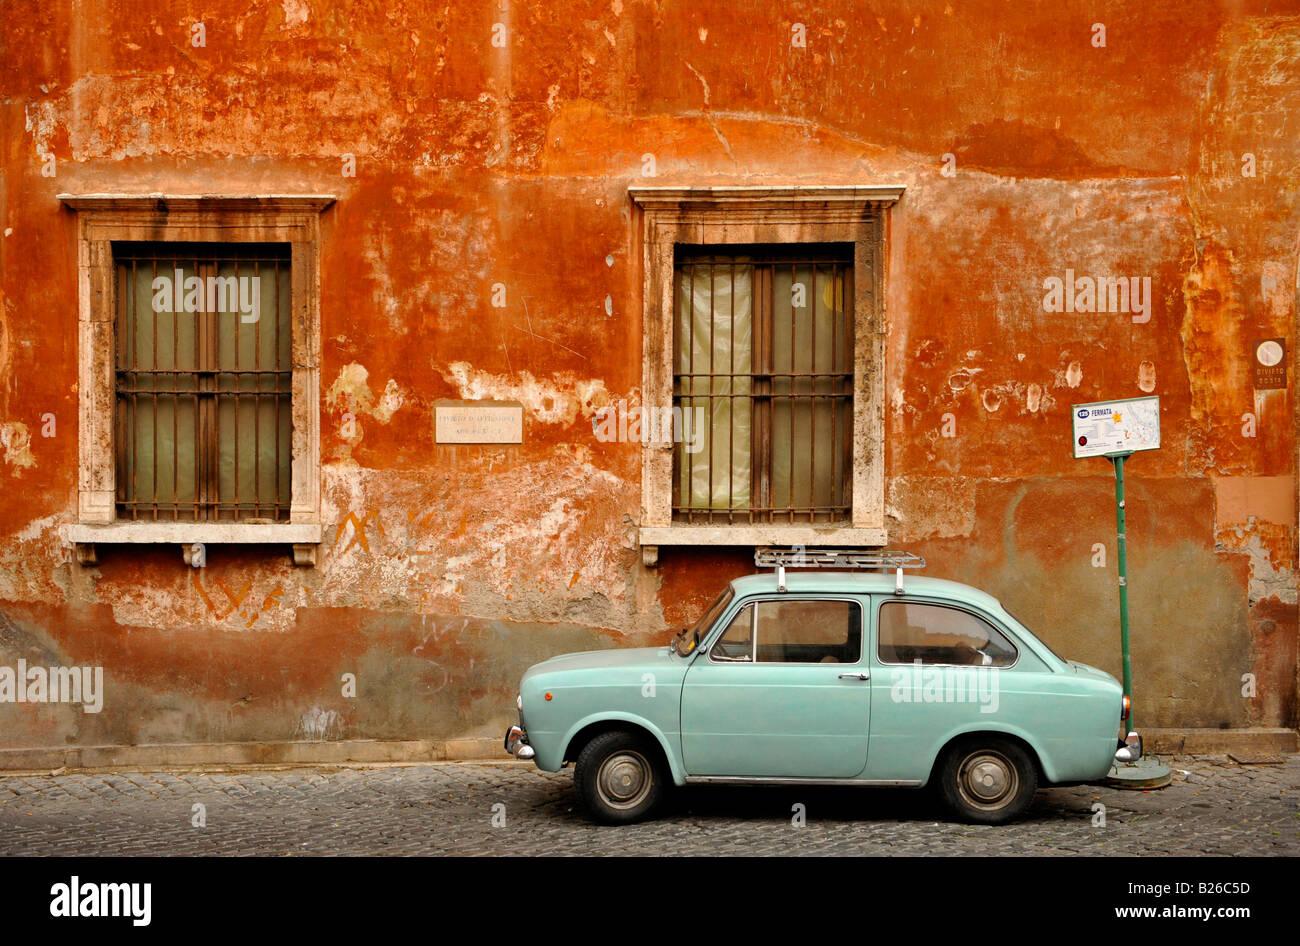 Mur de chambre avec une Fiat 850 à l'avant, le Trastevere, Rome, Italie Photo Stock